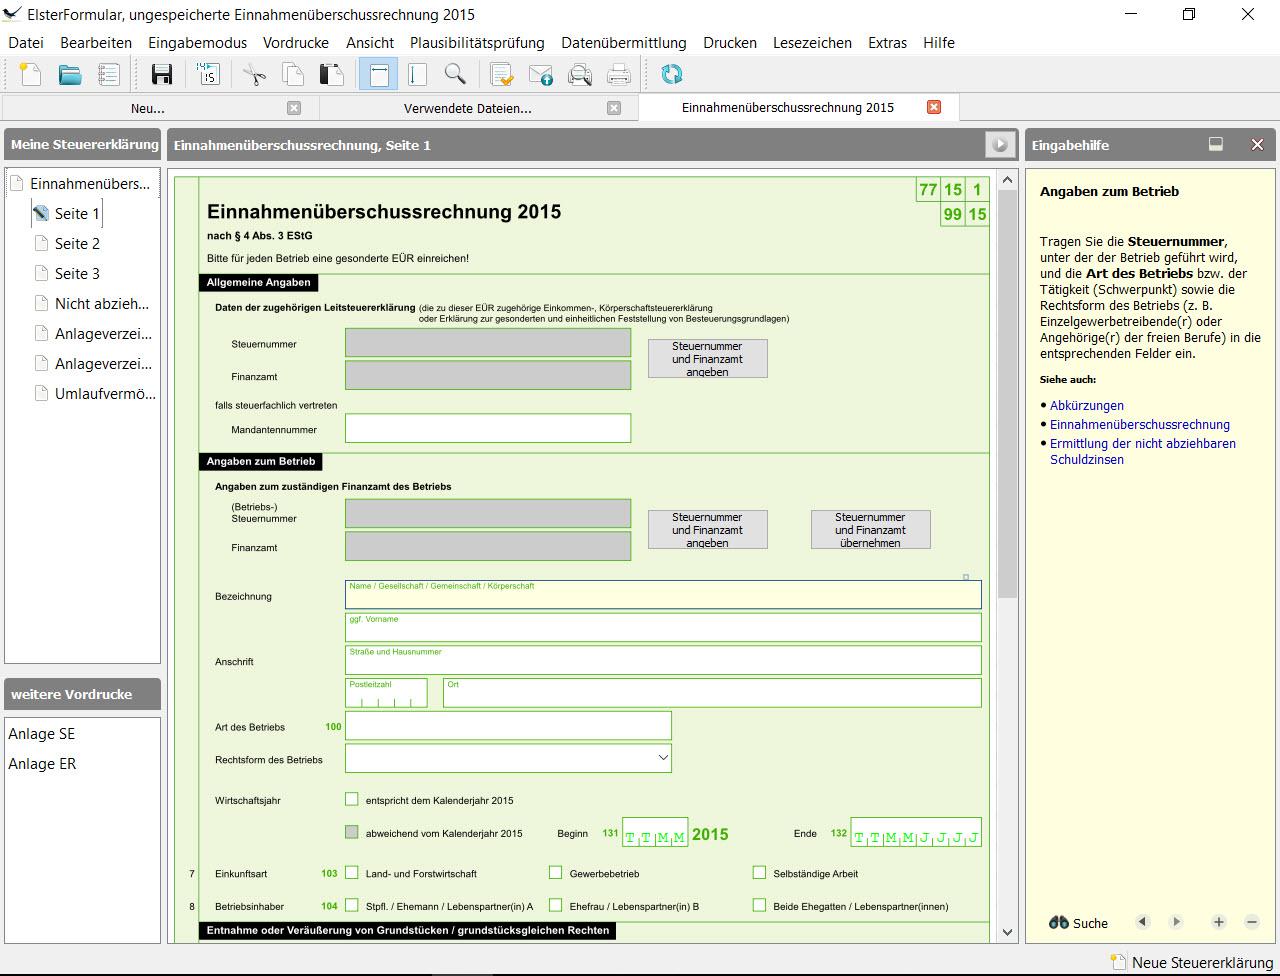 BMF EÜR-Formular Seite 1 Zeile 1-8 Personenangaben zu Betriebseinnahmen und Betriebsausgaben: Wer macht was wann wie und mit wem auf welche Art unter welcher Steuernummer?